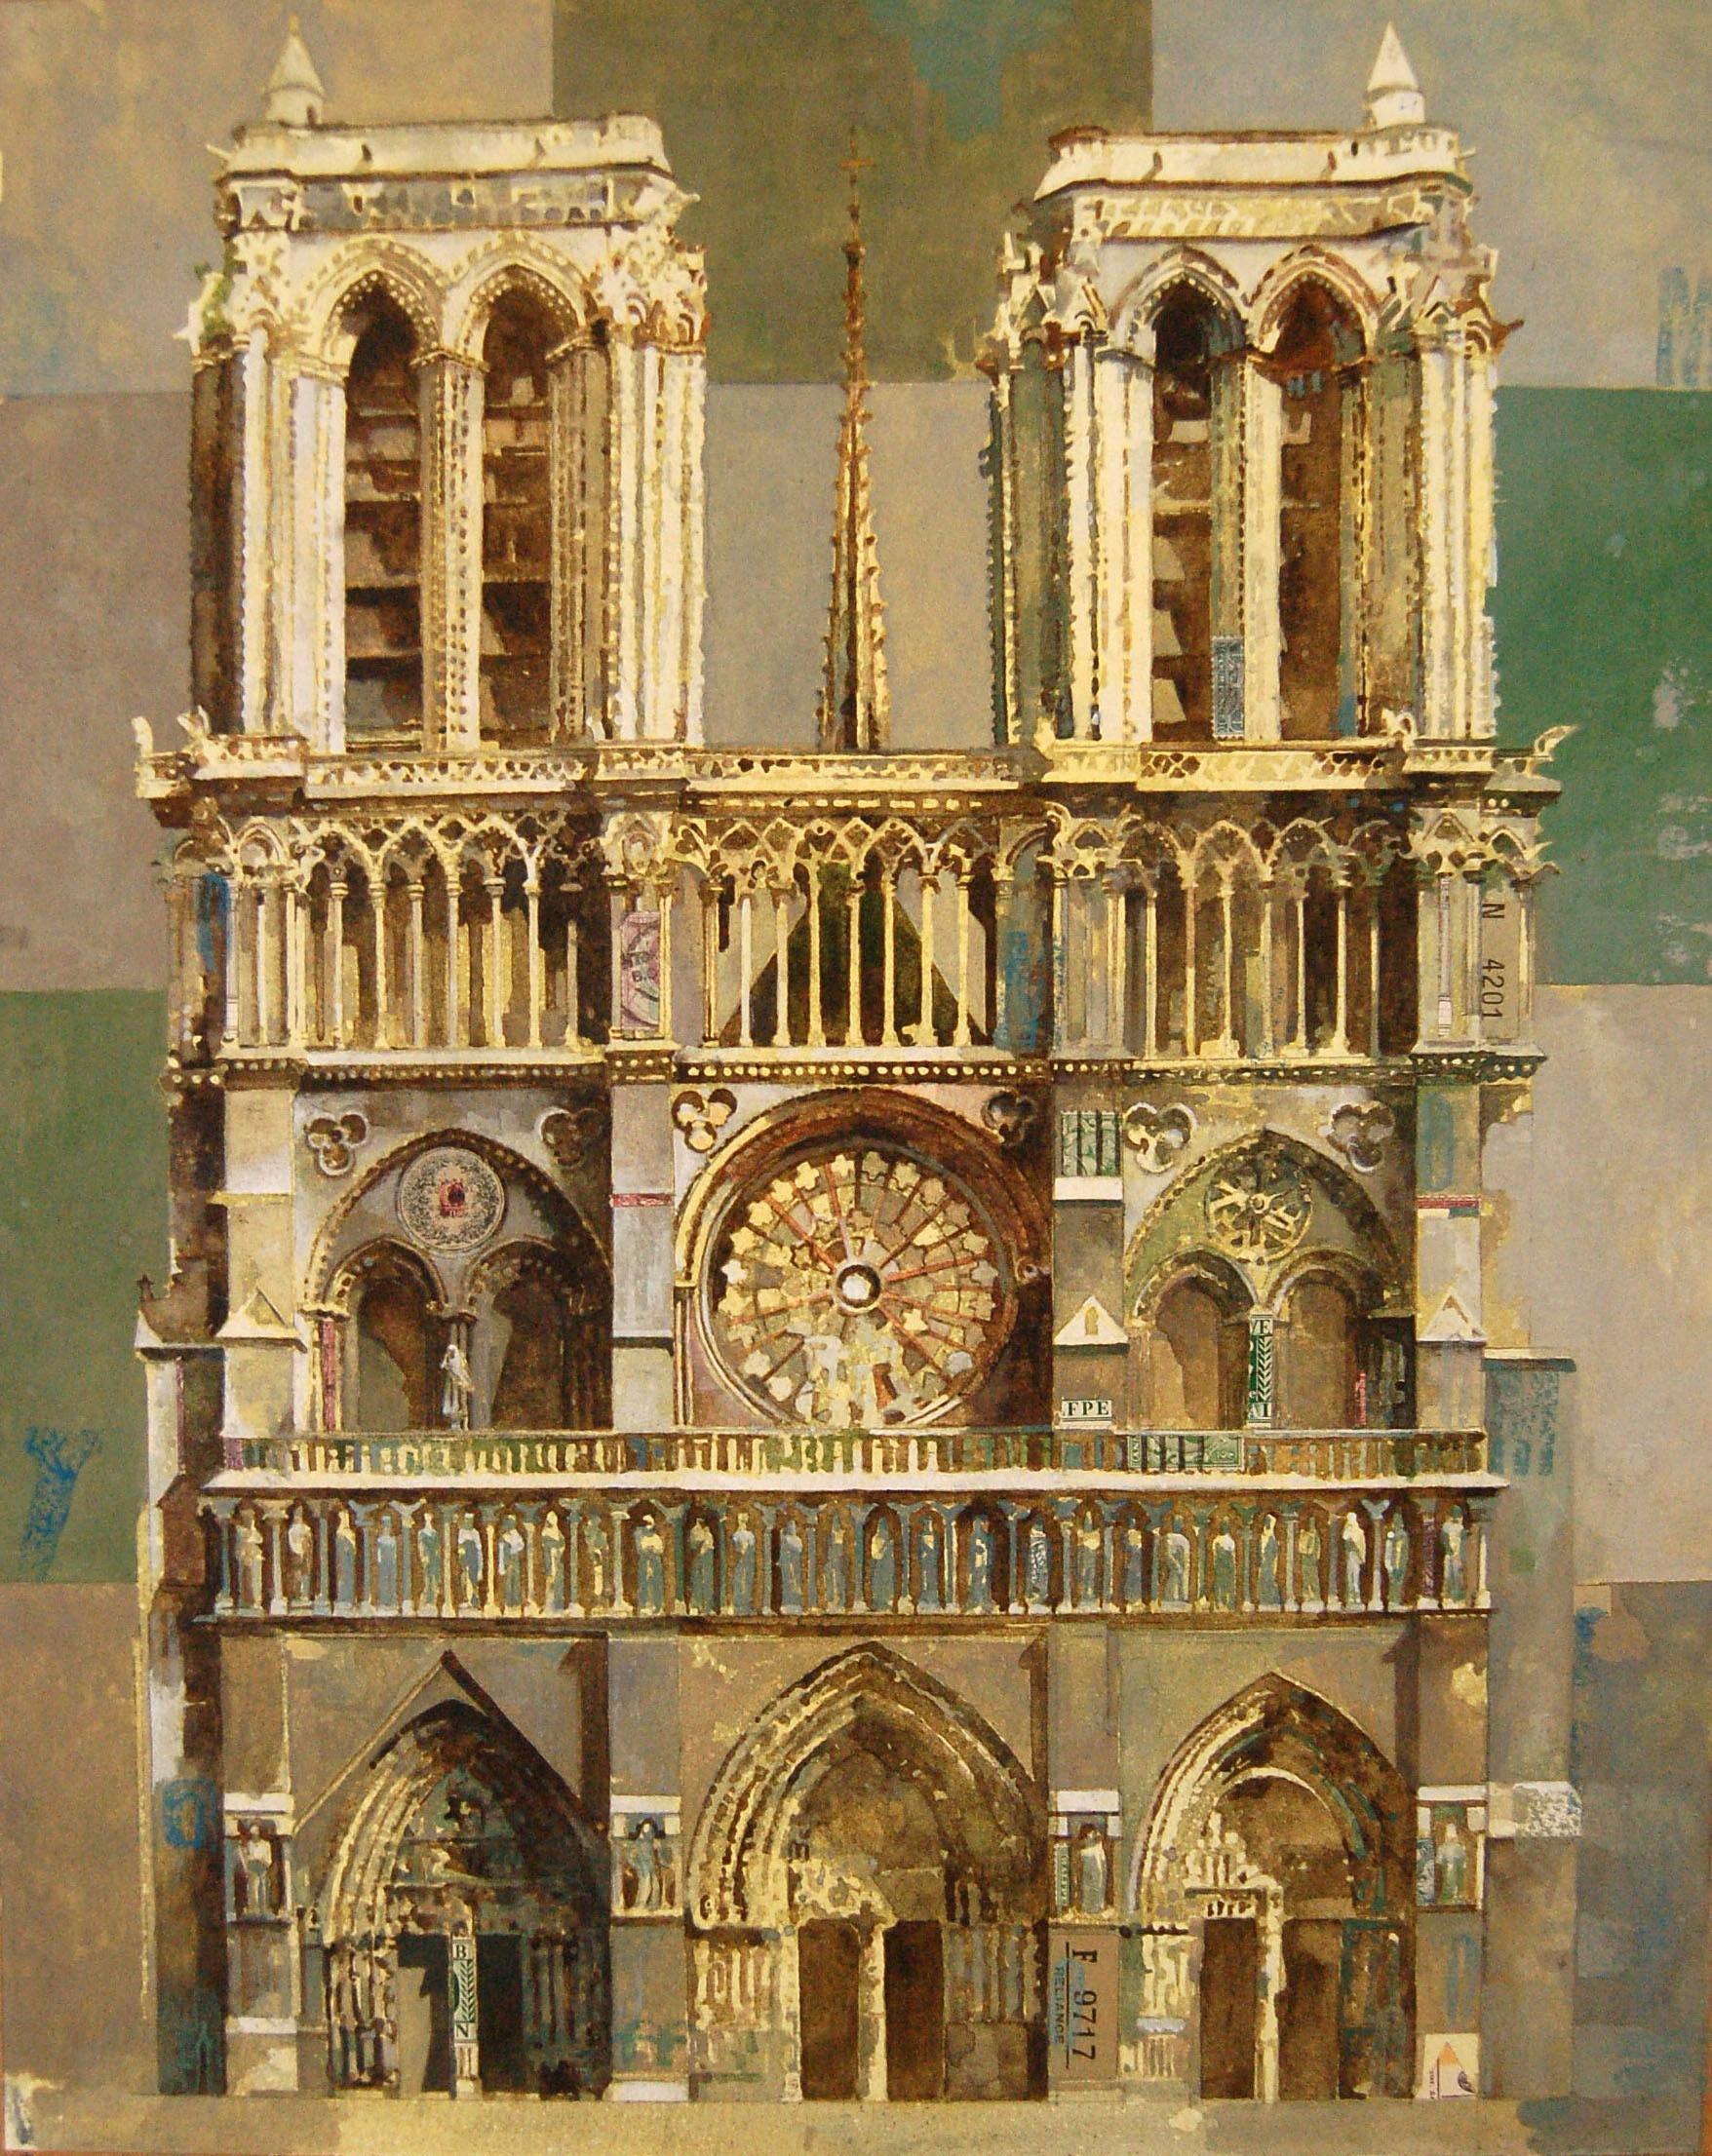 <span class=&#34;link fancybox-details-link&#34;><a href=&#34;/exhibitions/24/works/artworks_standalone10791/&#34;>View Detail Page</a></span><div class=&#34;artist&#34;><span class=&#34;artist&#34;><strong>Stuart Robertson</strong></span></div><div class=&#34;title&#34;><em>Notre Dame</em></div><div class=&#34;medium&#34;>watercolour, gouache & collage</div><div class=&#34;dimensions&#34;>70x60cm</div>